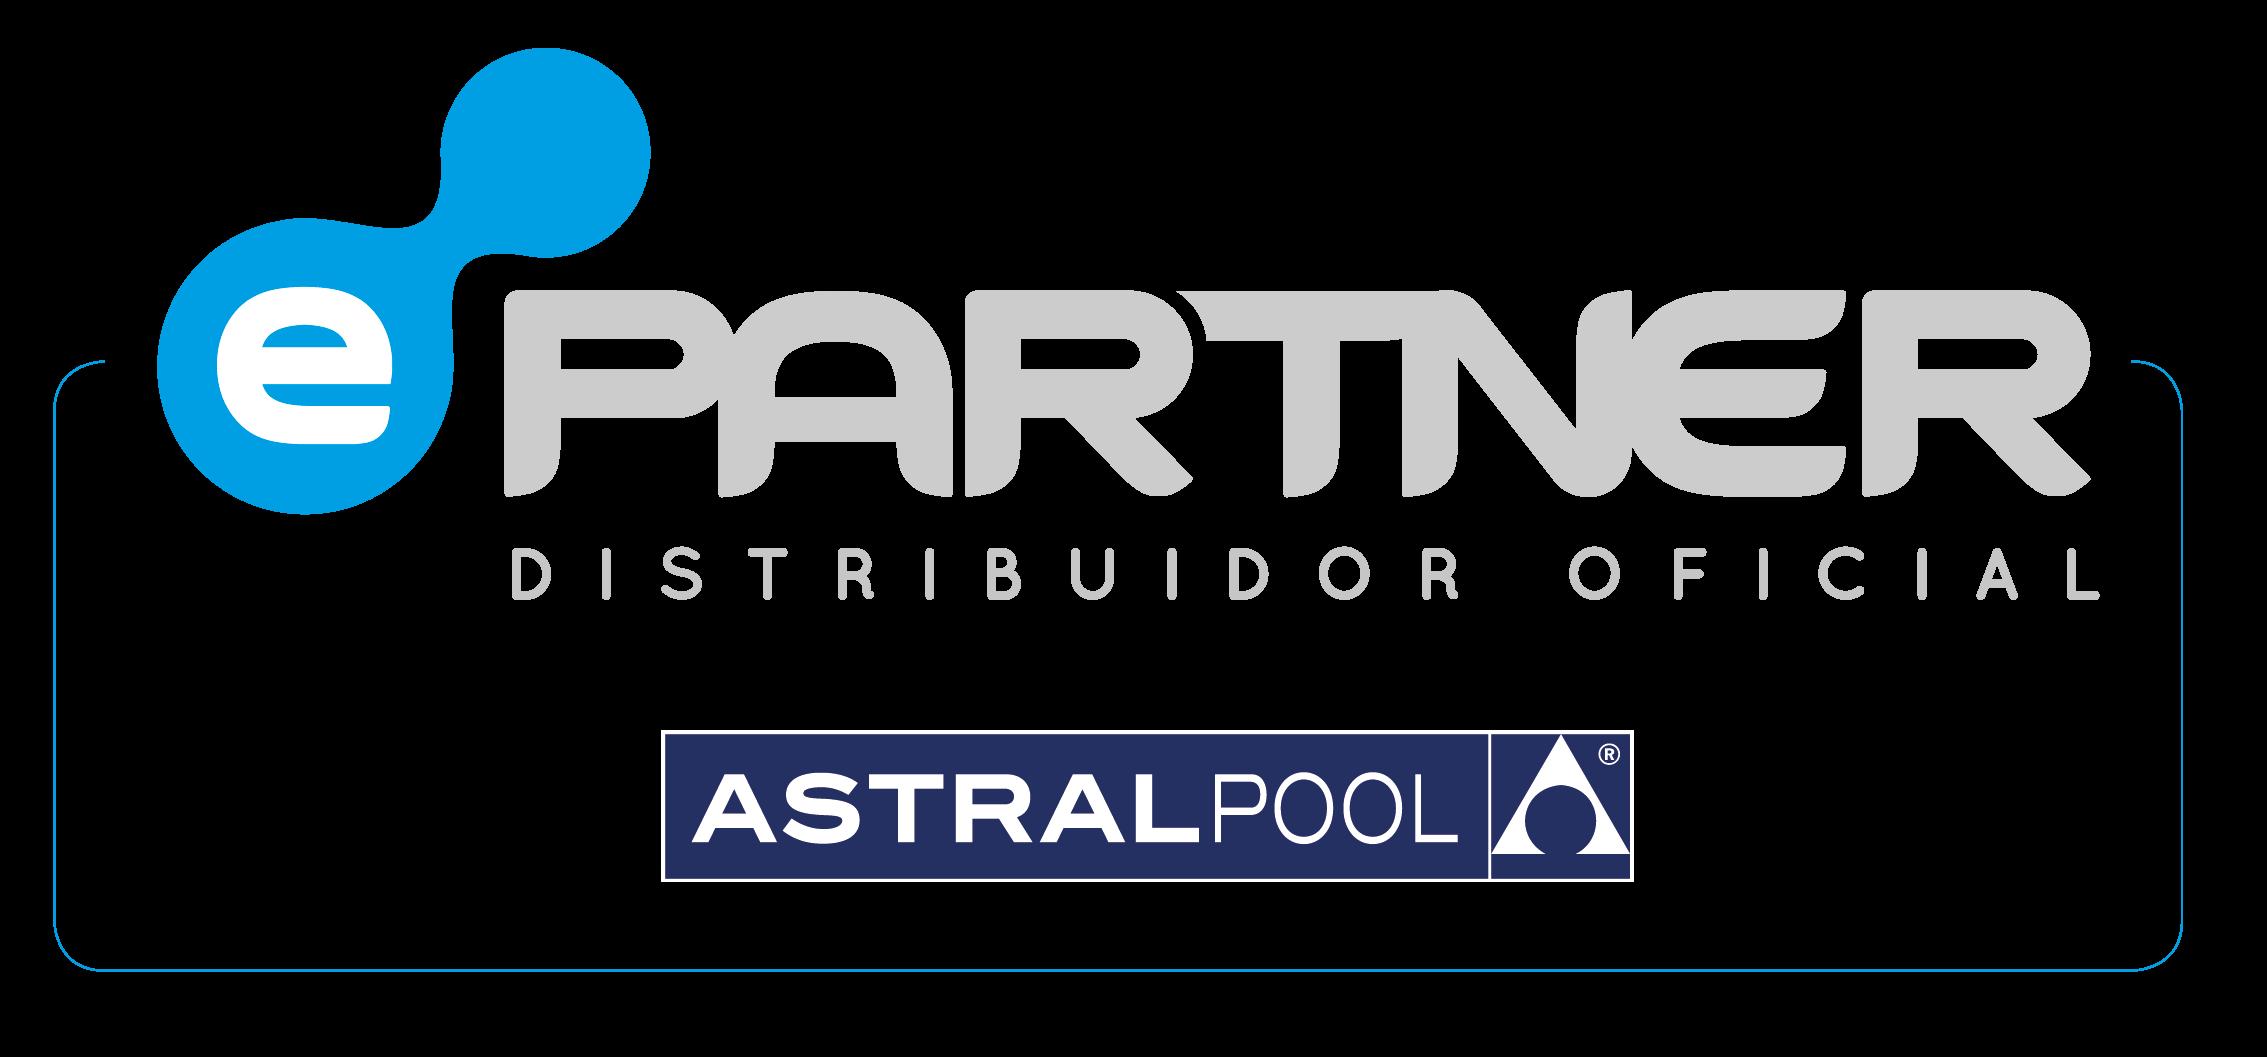 e-partner logo